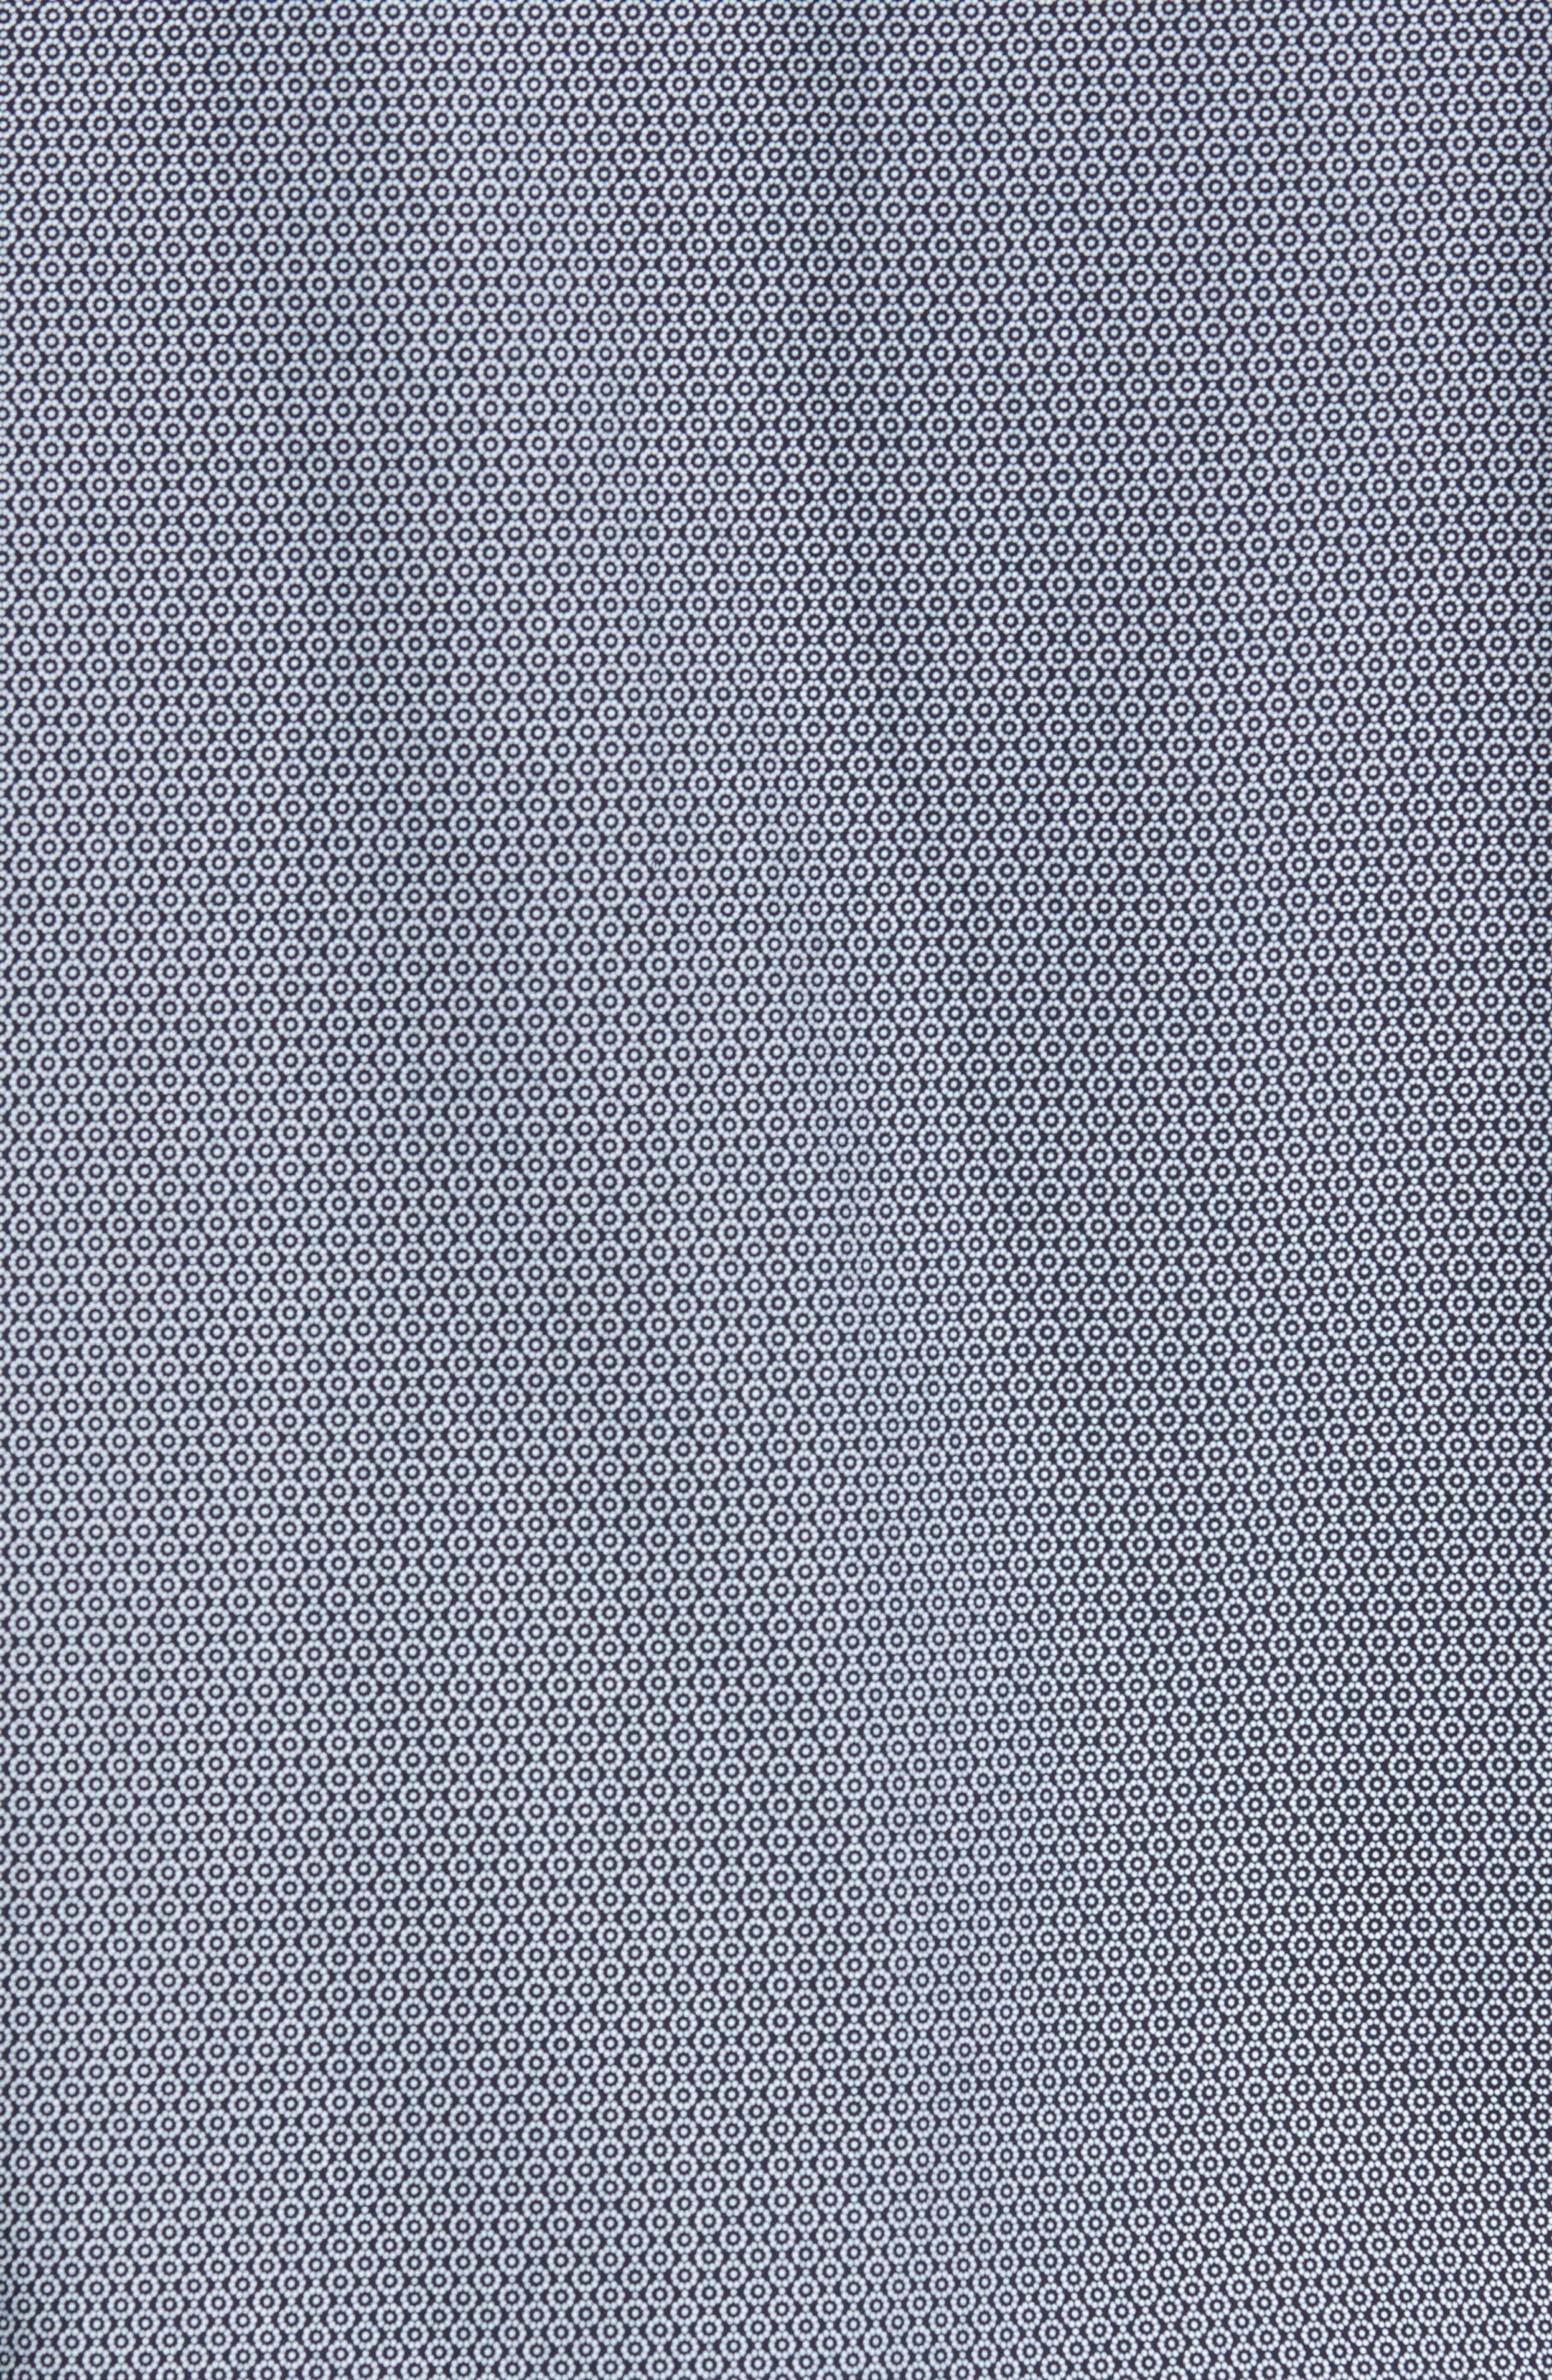 Slim Fit Non-Iron Dot Print Sport Shirt,                             Alternate thumbnail 5, color,                             410